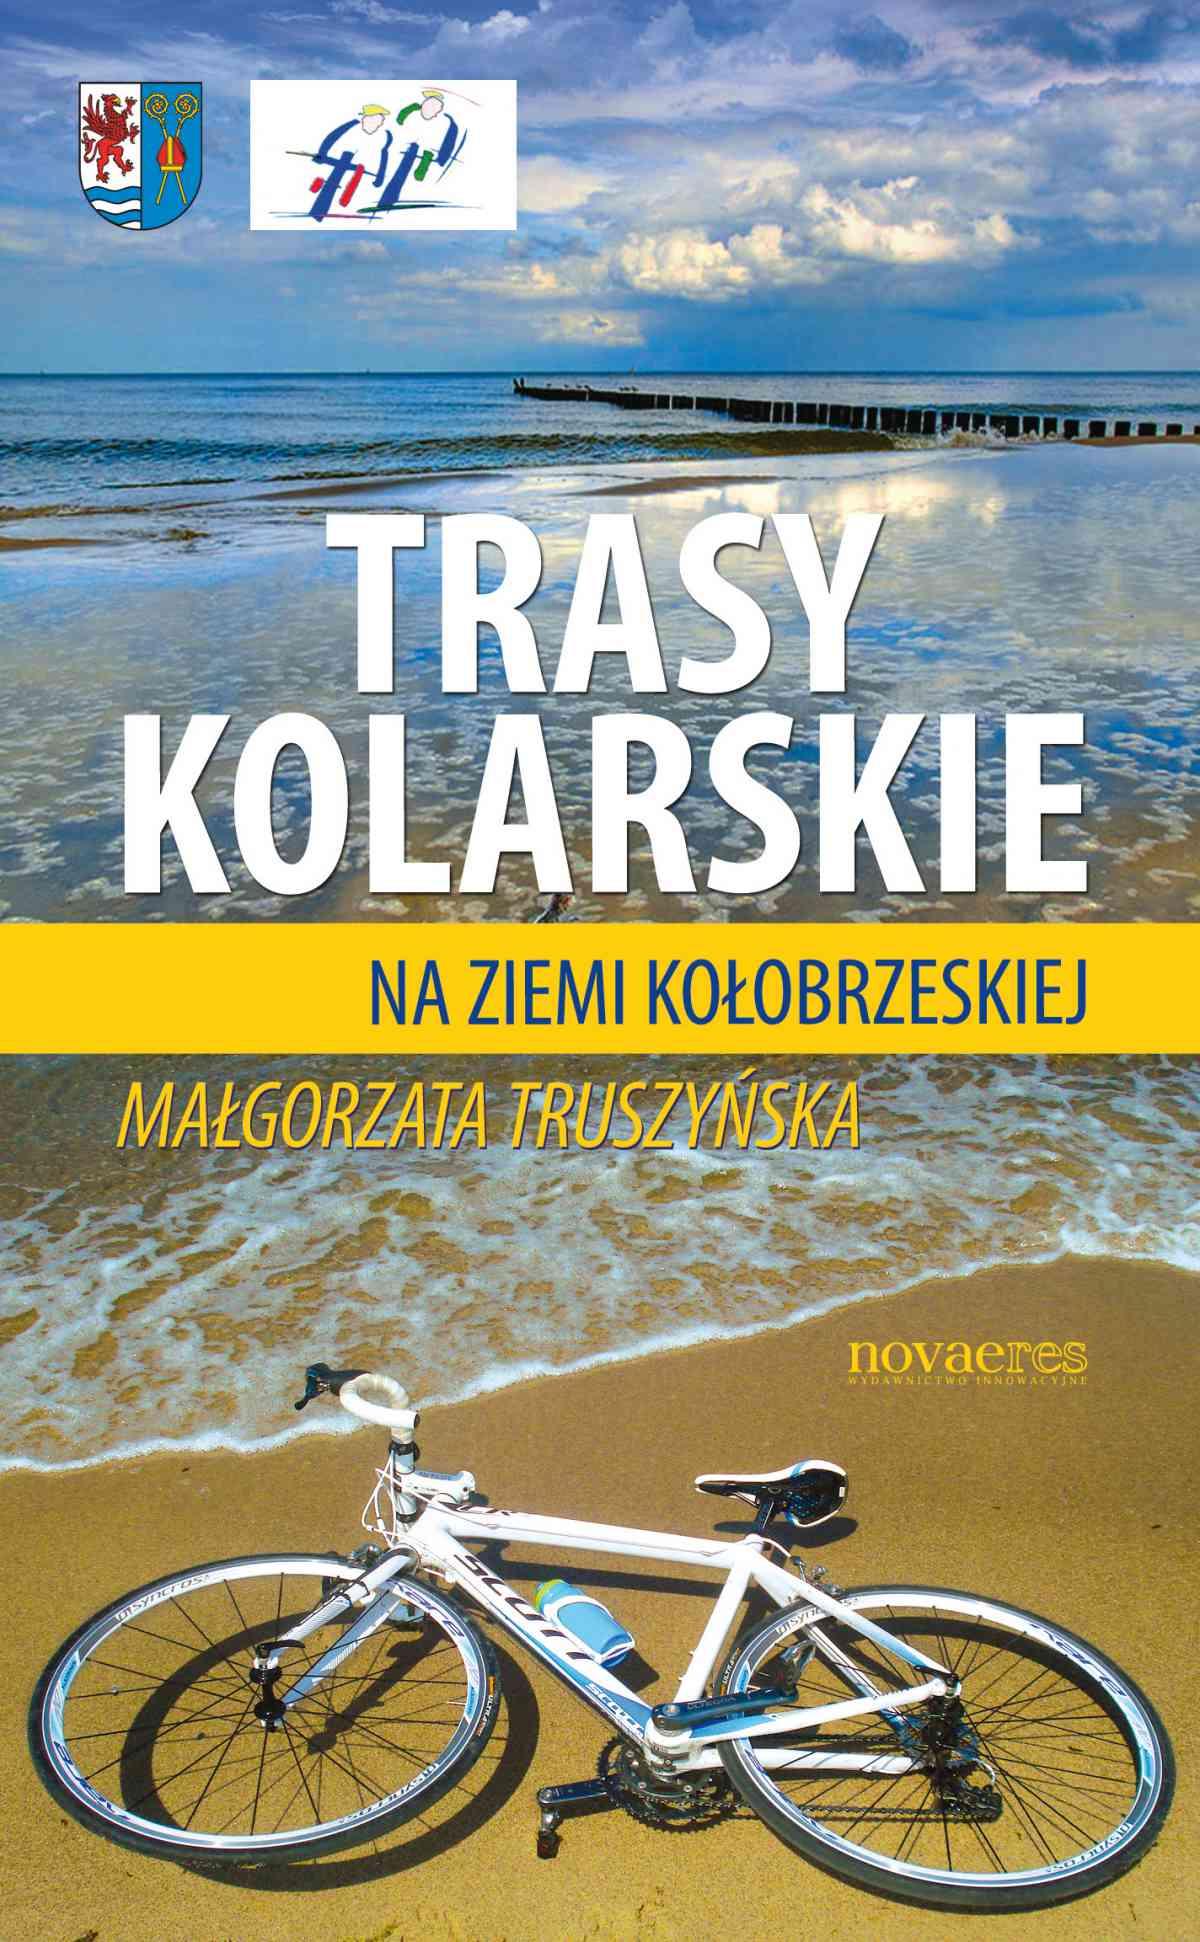 Trasy kolarskie na ziemi kołobrzeskiej - Ebook (Książka na Kindle) do pobrania w formacie MOBI